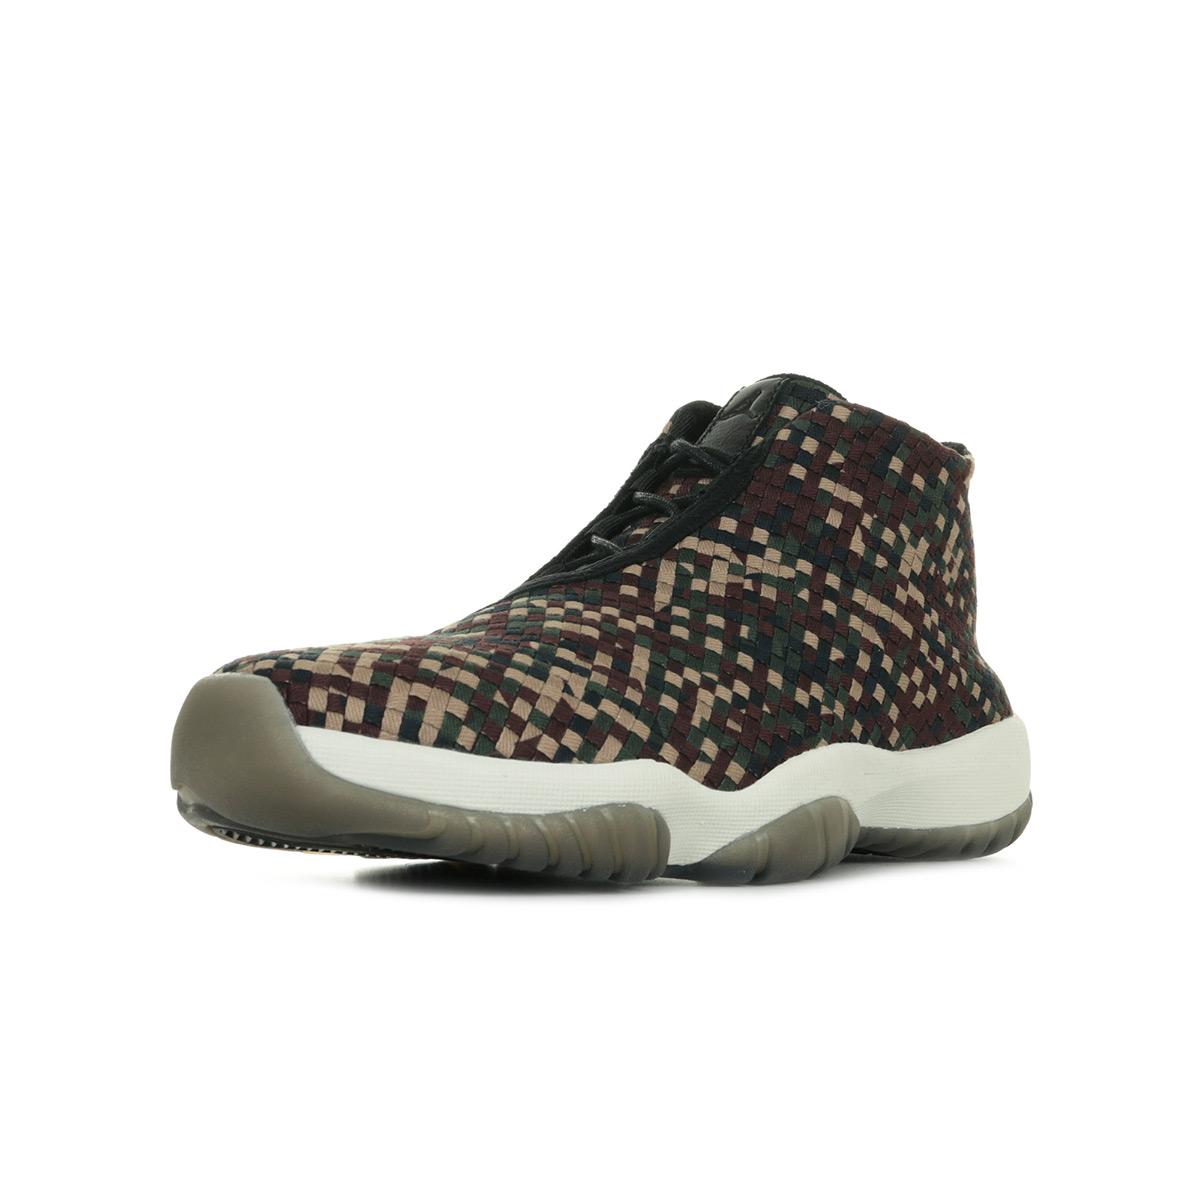 d3606a552ed5c Jordan Air Jordan Future Premium